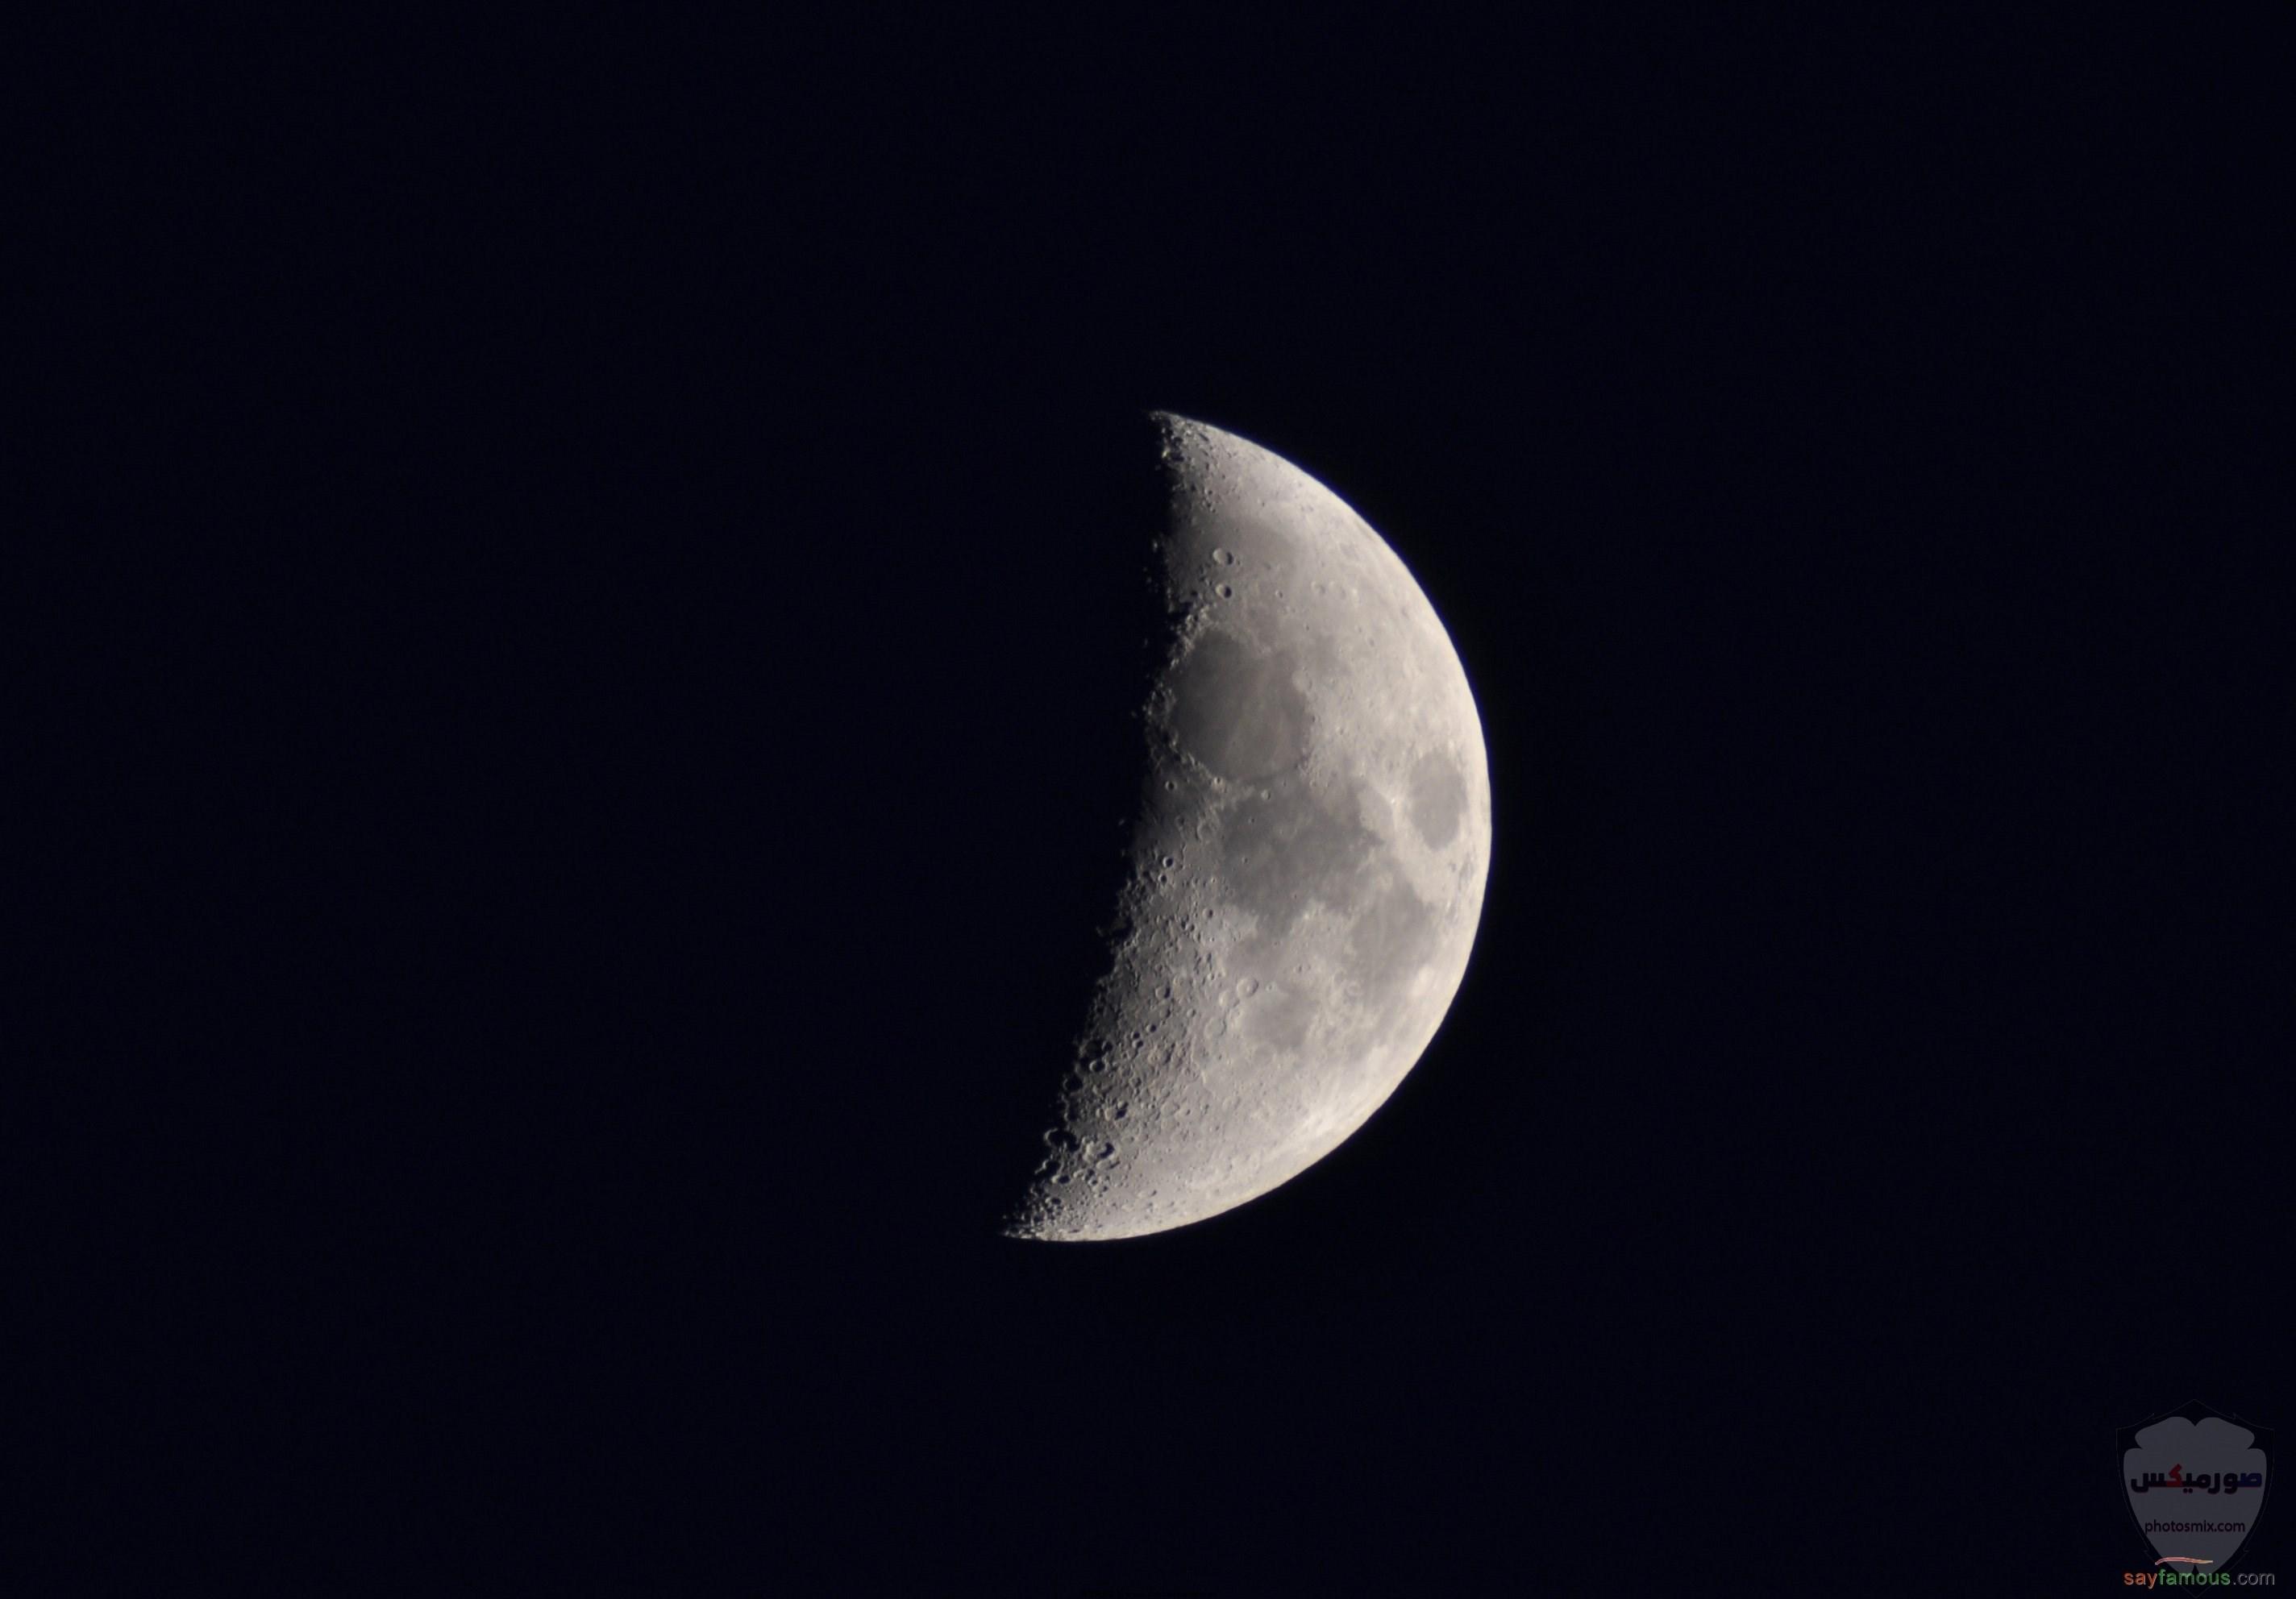 صور القمر والسماء والنجوم خلفيات للقمر والبدر والهلال عالية الجودة 11